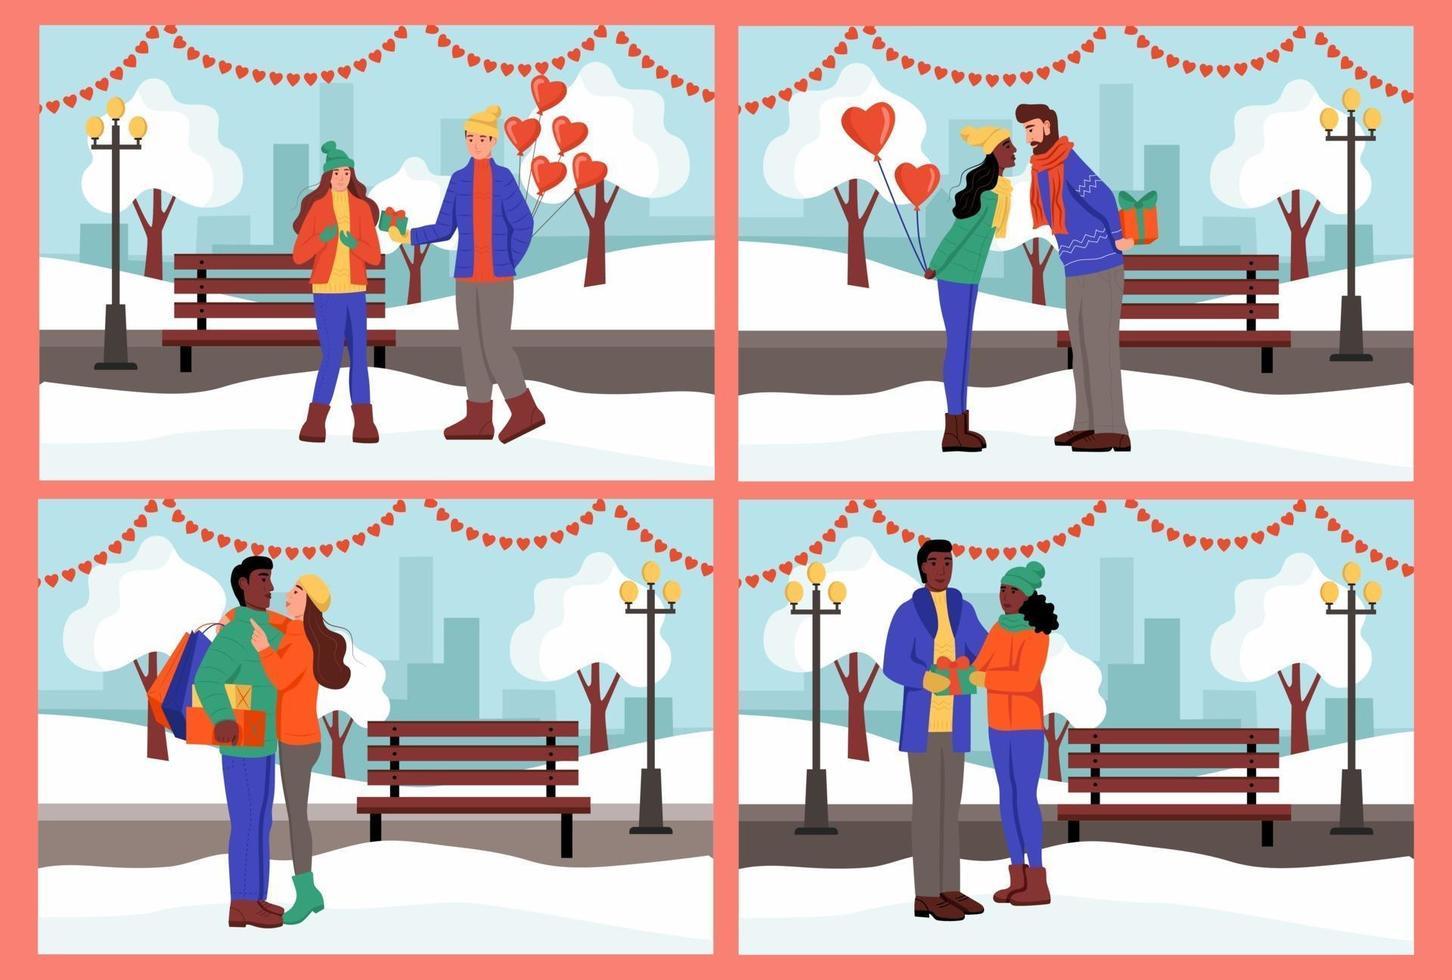 colocar. pareja intercambia regalos y se besa en un parque de invierno. un hombre y una mujer jóvenes celebran el día de san valentín. ilustración vectorial plana. vector